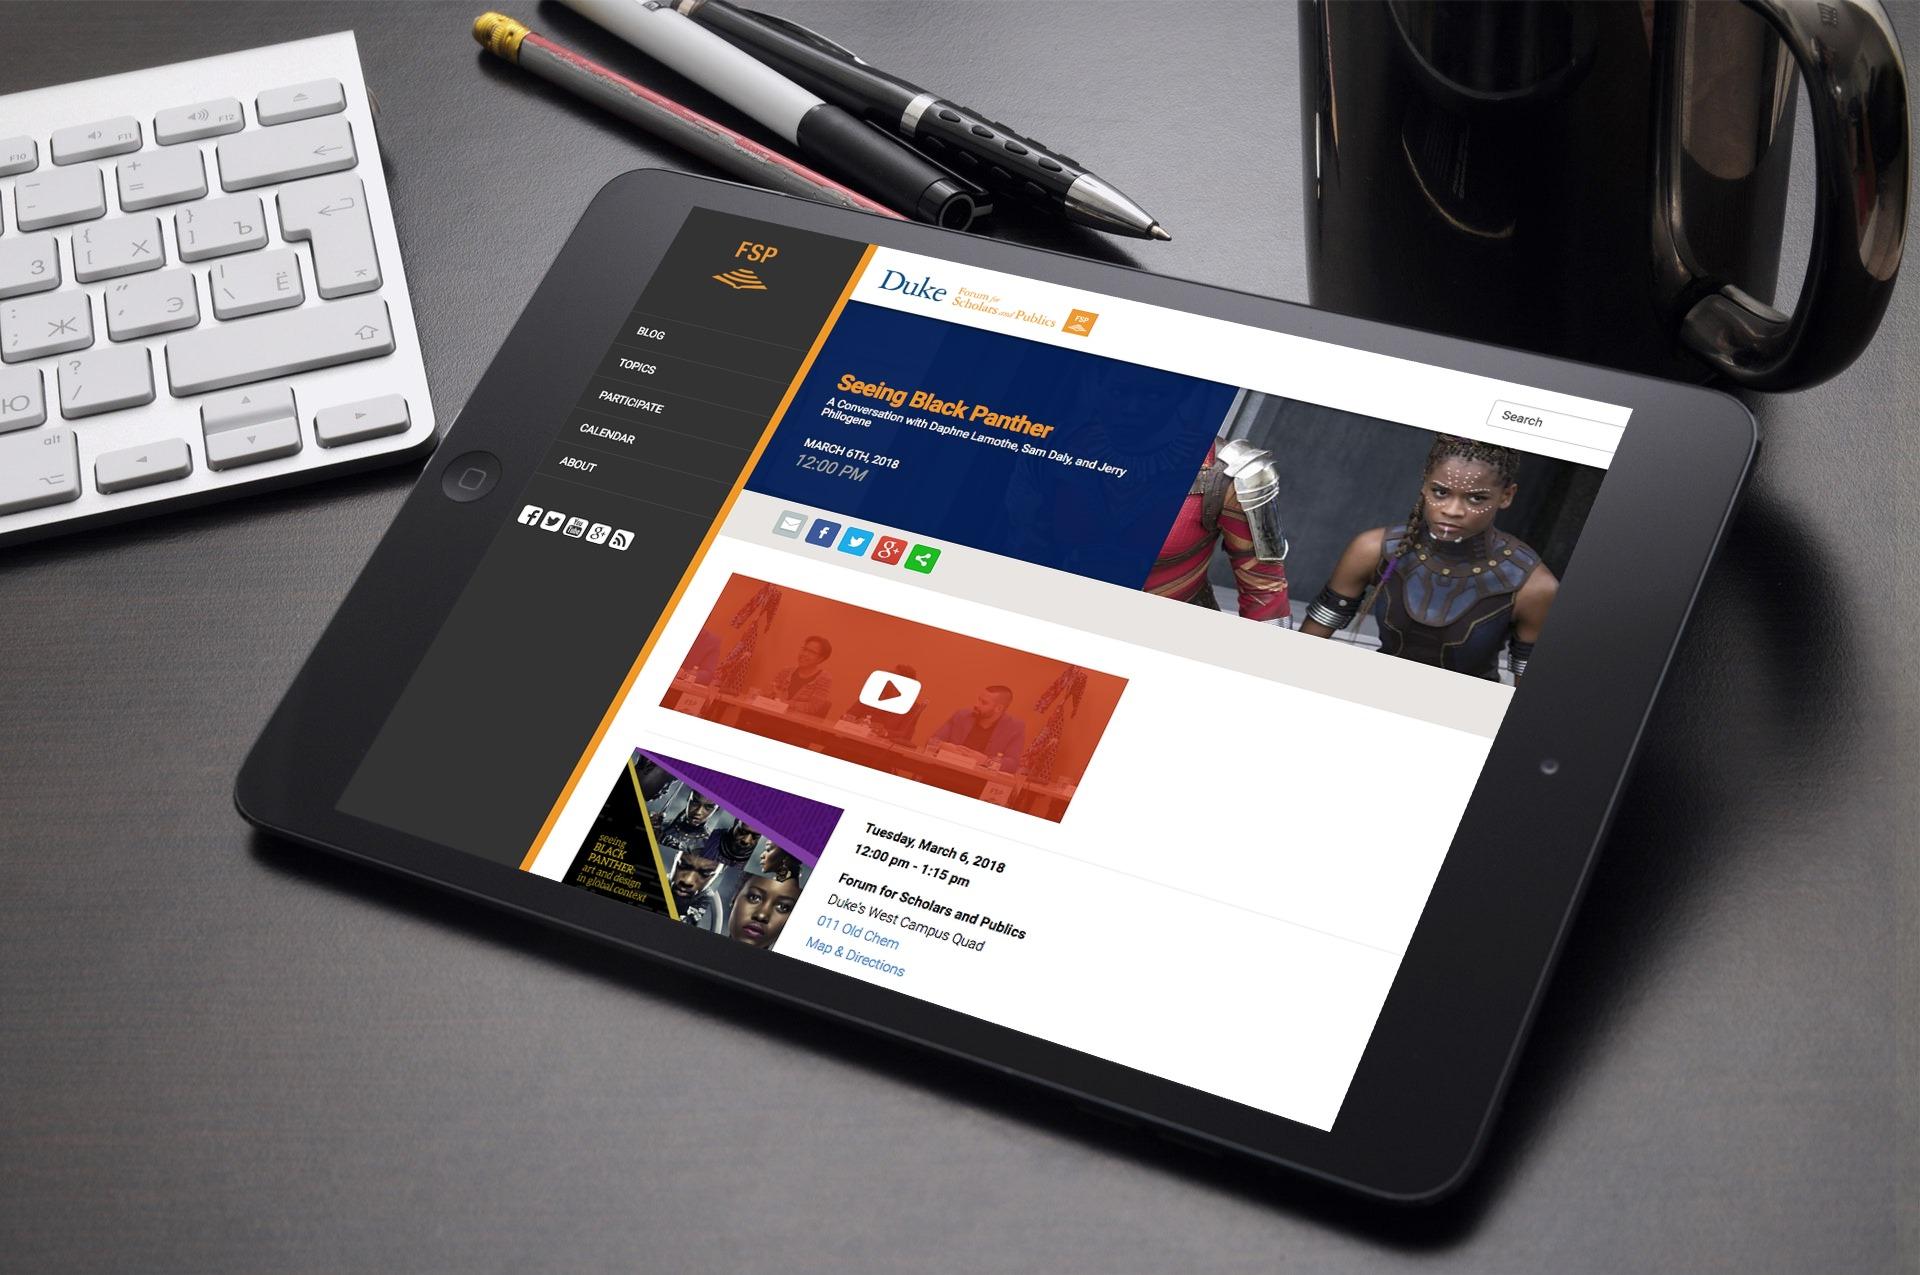 Duke FSP tablet 2 smartmockups_jkofsuea